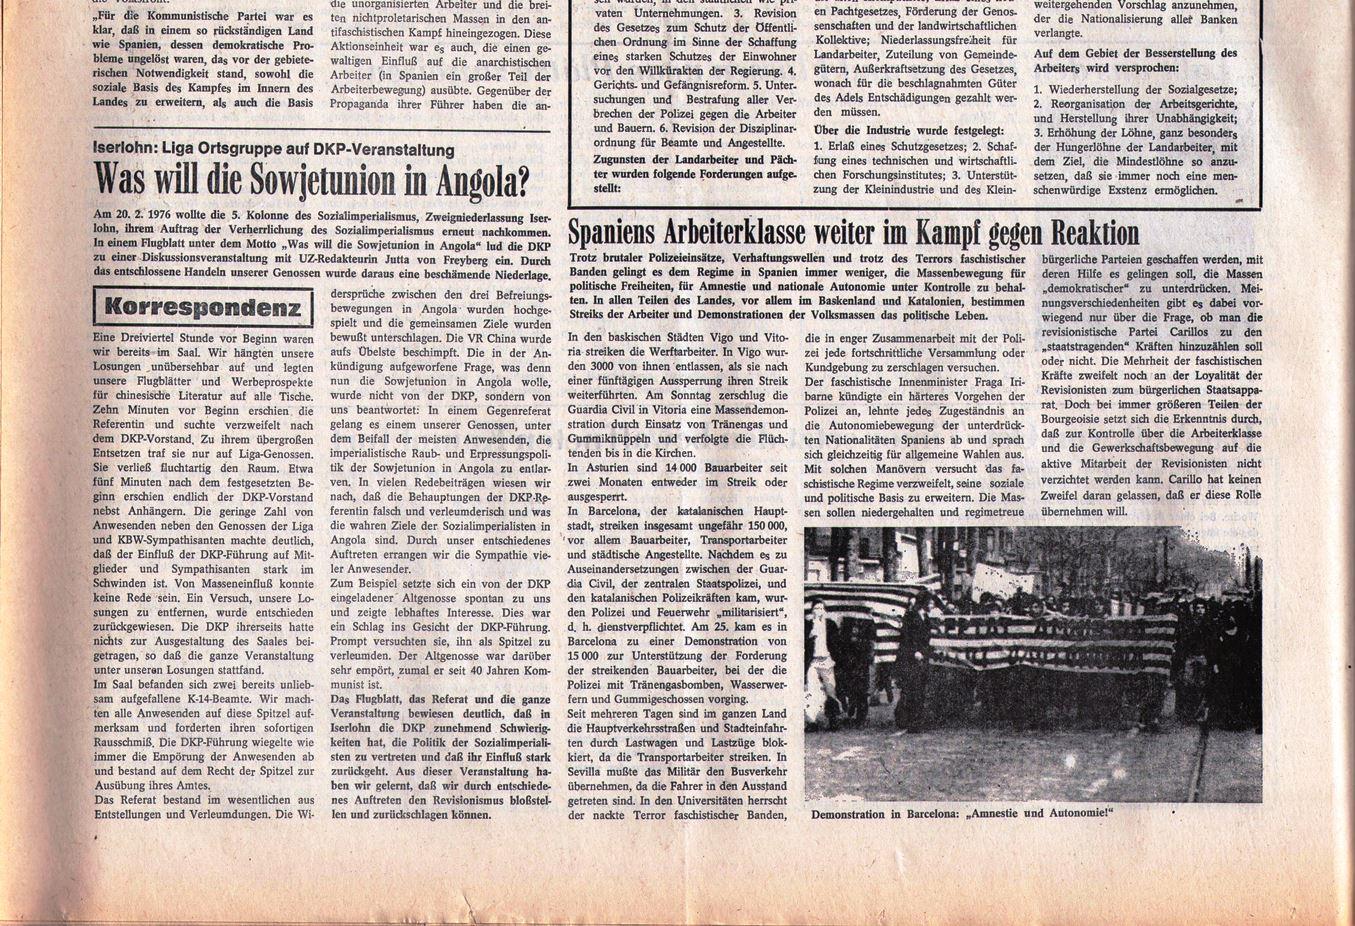 KPD_Rote_Fahne_1976_09_16